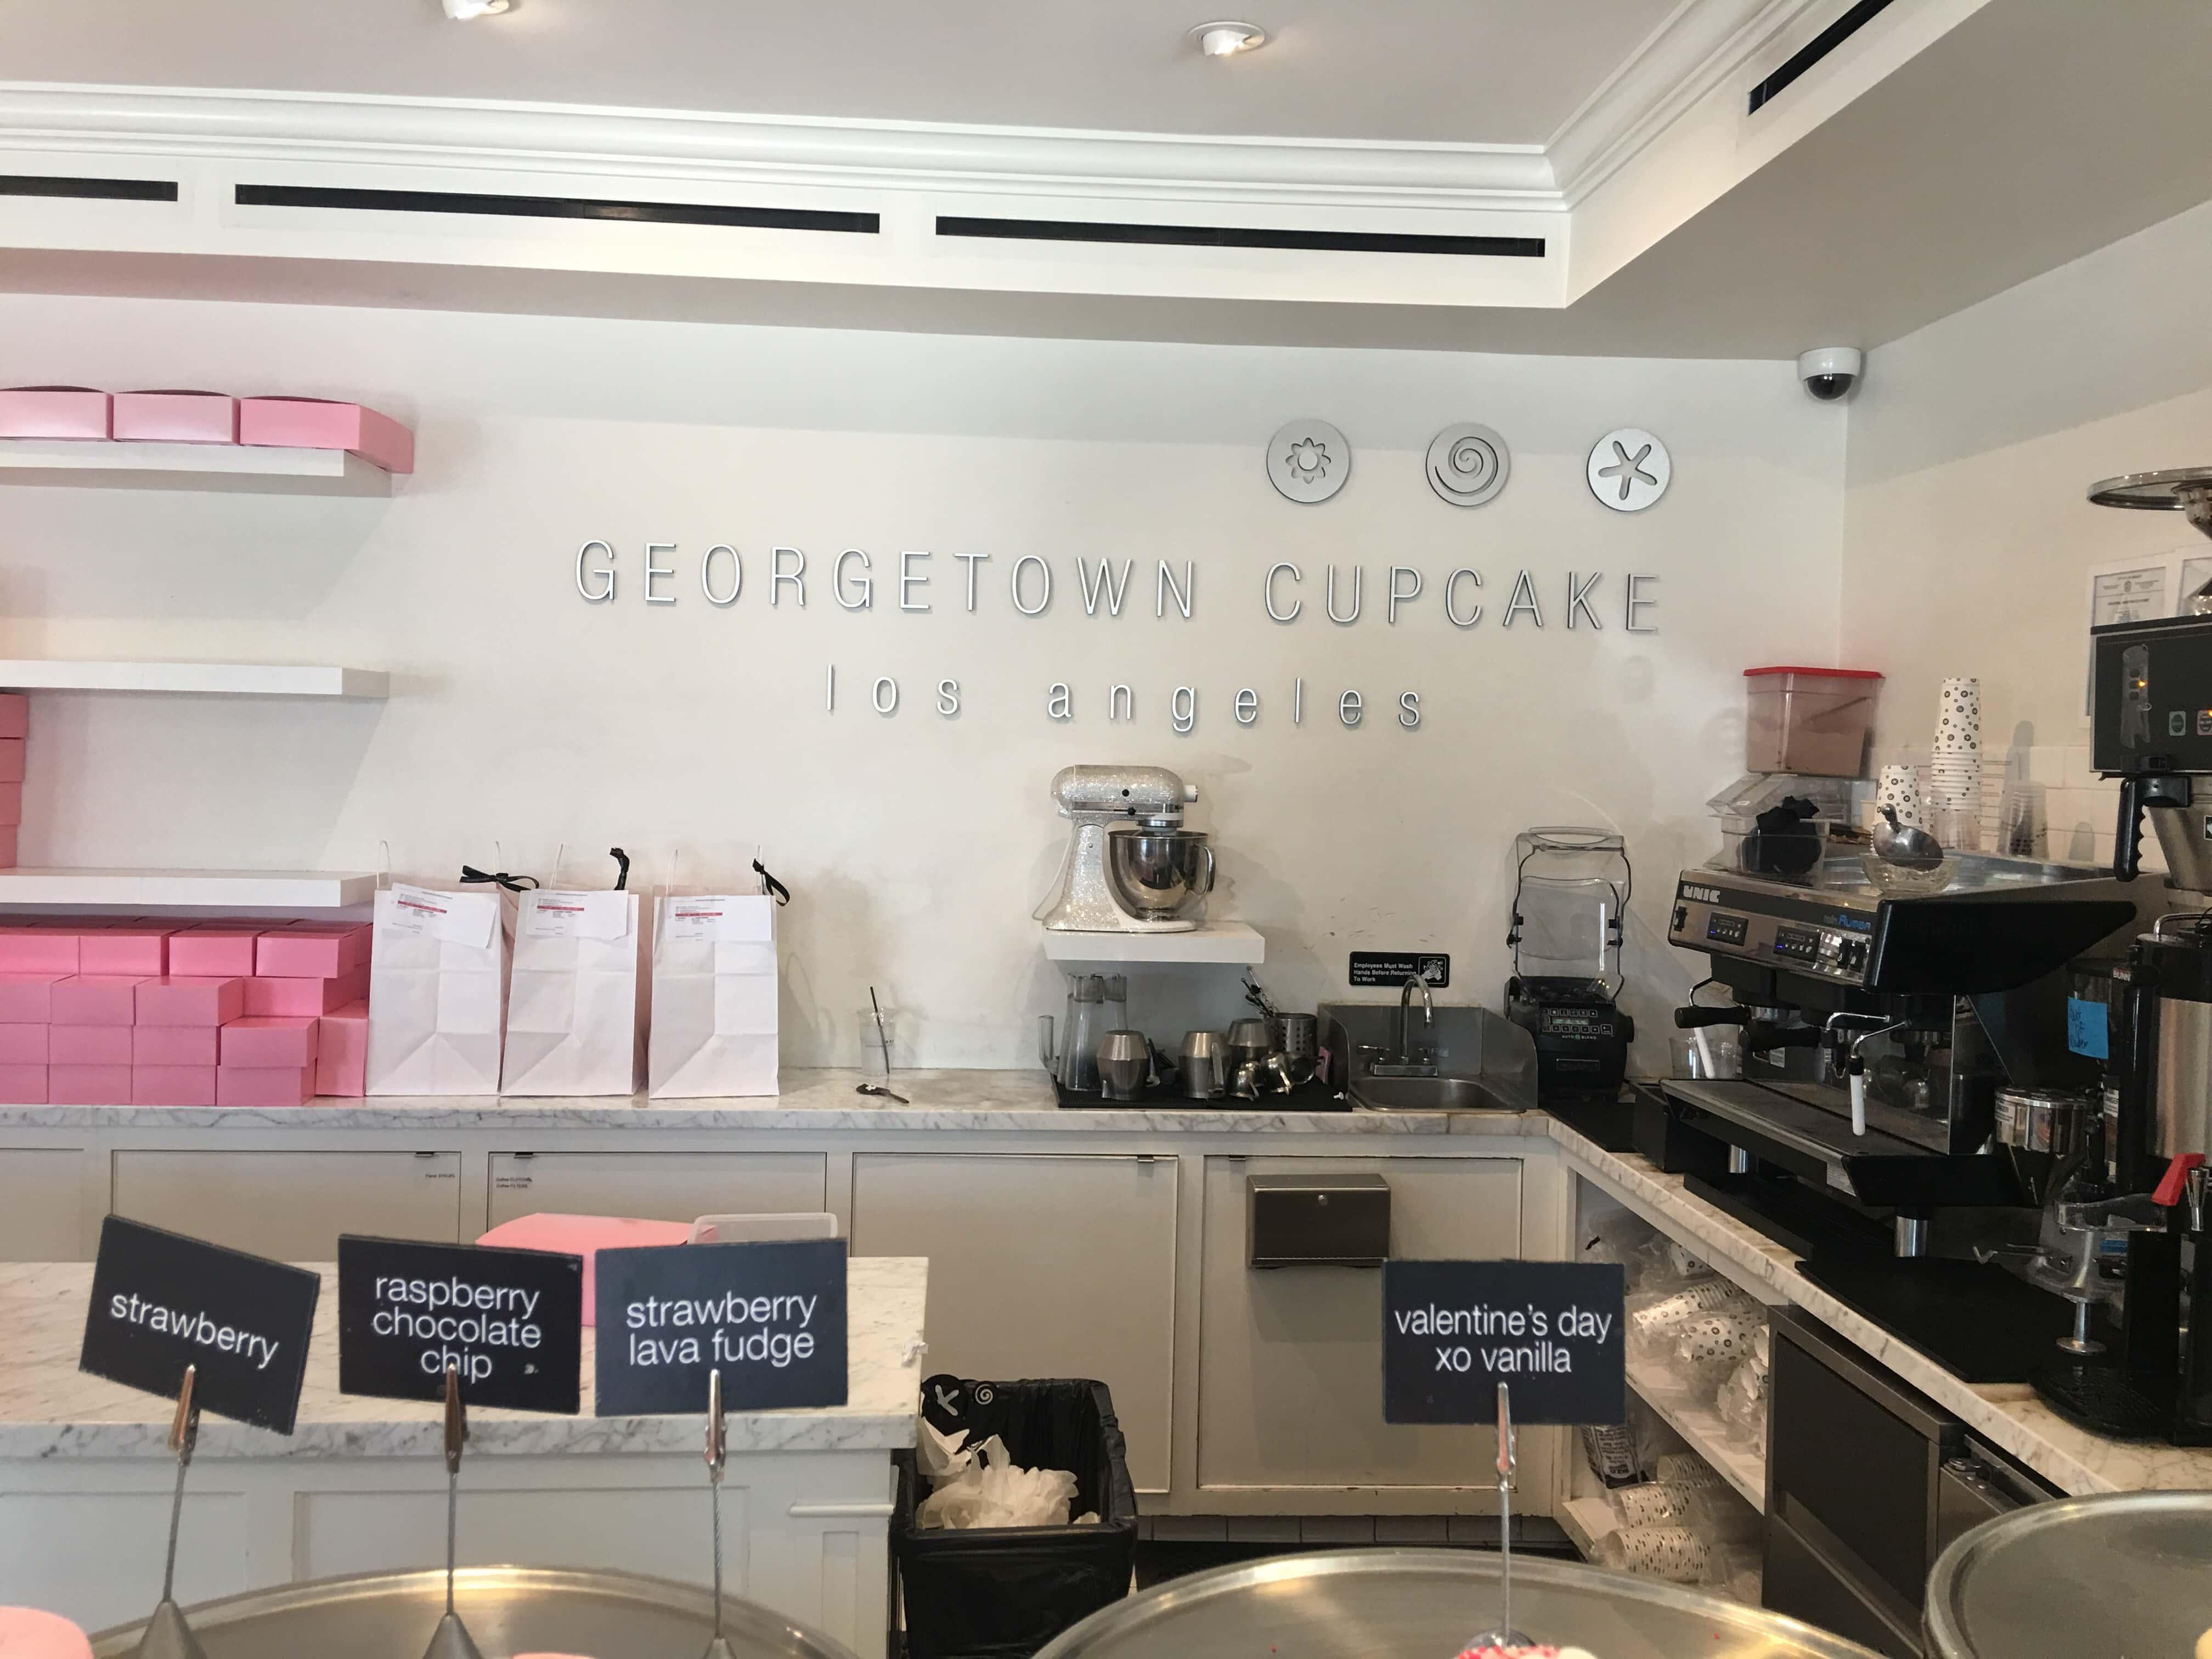 Georgetown Cupcake Shop in Los Angeles